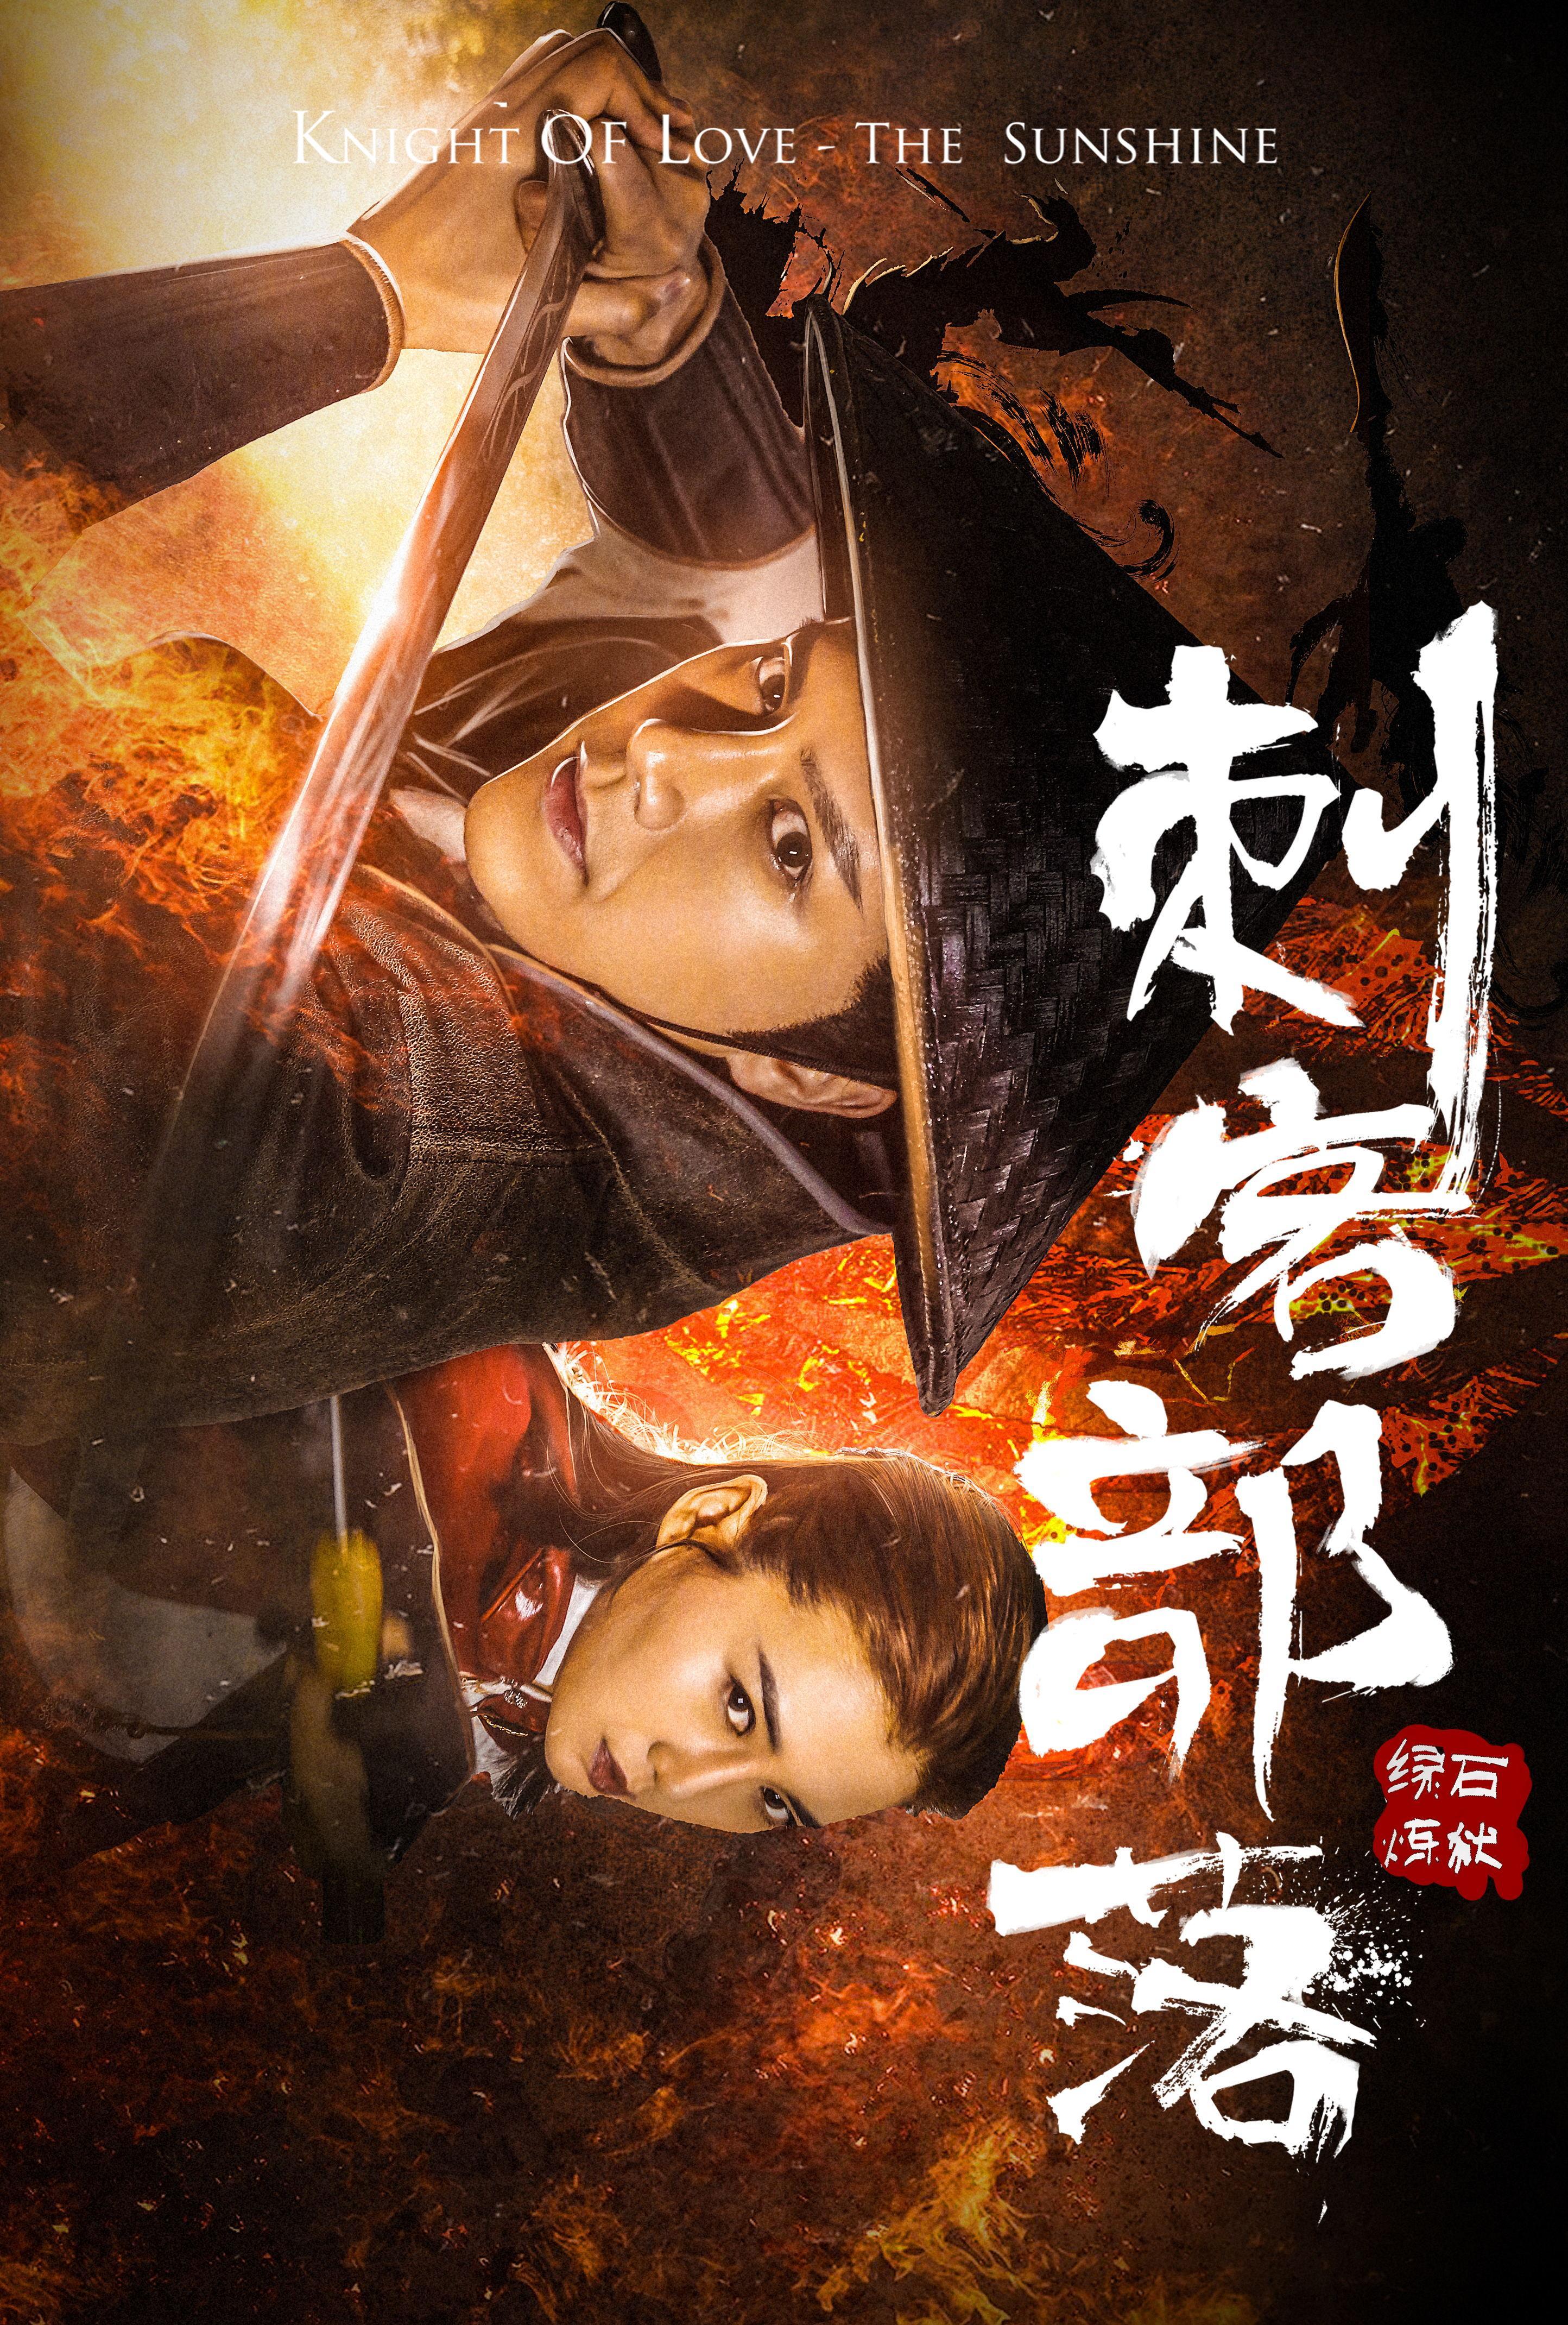 2019 中国《刺客部落I绿石炼狱》青芒大地,诡谲纷争